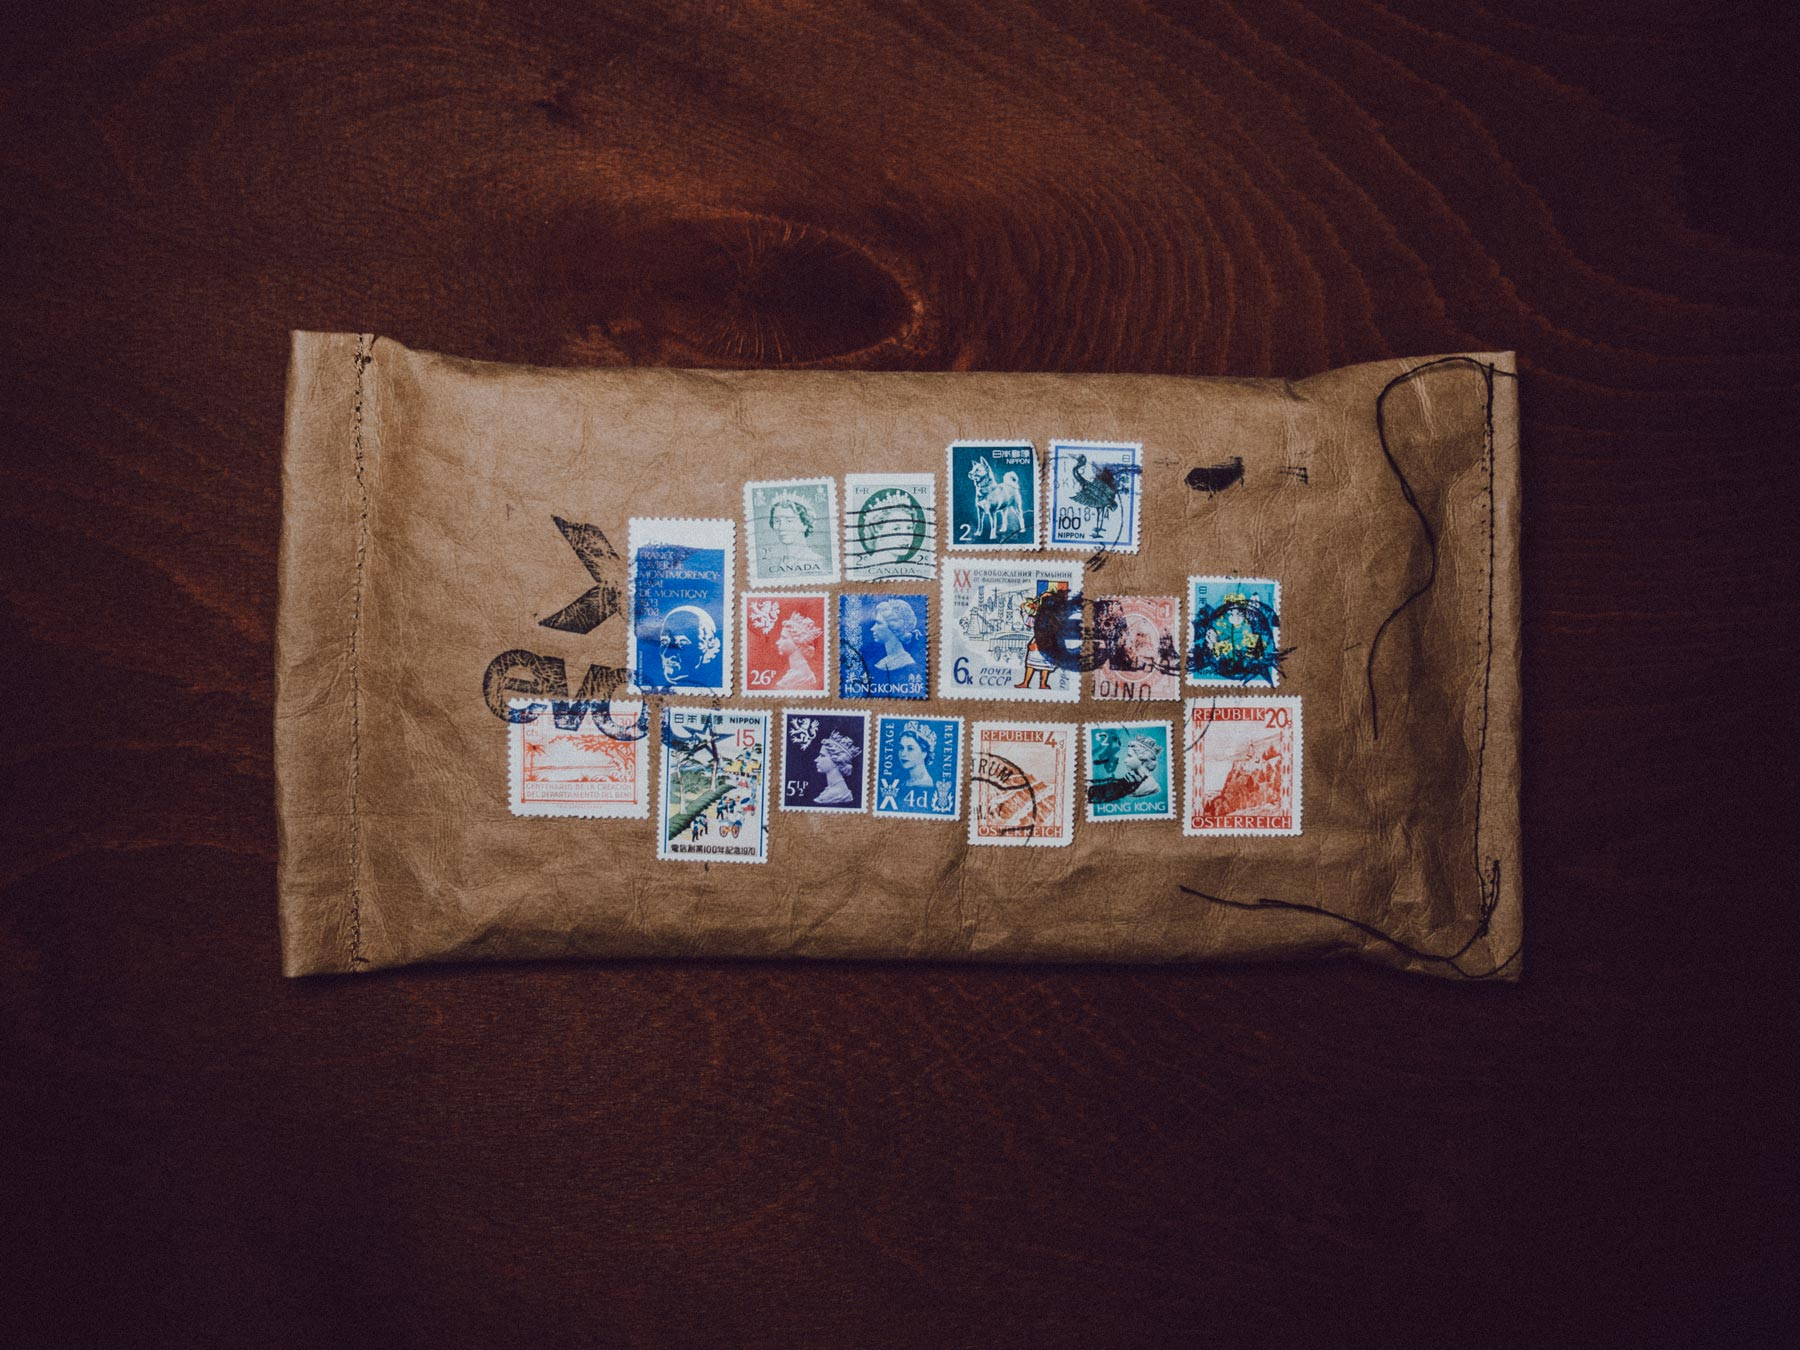 Man sieht das Einladungs-Mailing für Distributoren zum 10-Jährigen Jubiläum von evoc sports. Ein Kuvert aus Jeans-Label-Material mit bunten Briefmarken aus 10 Ländern ist abgebildet. Idee und Design sind von MAJORMAJOR.